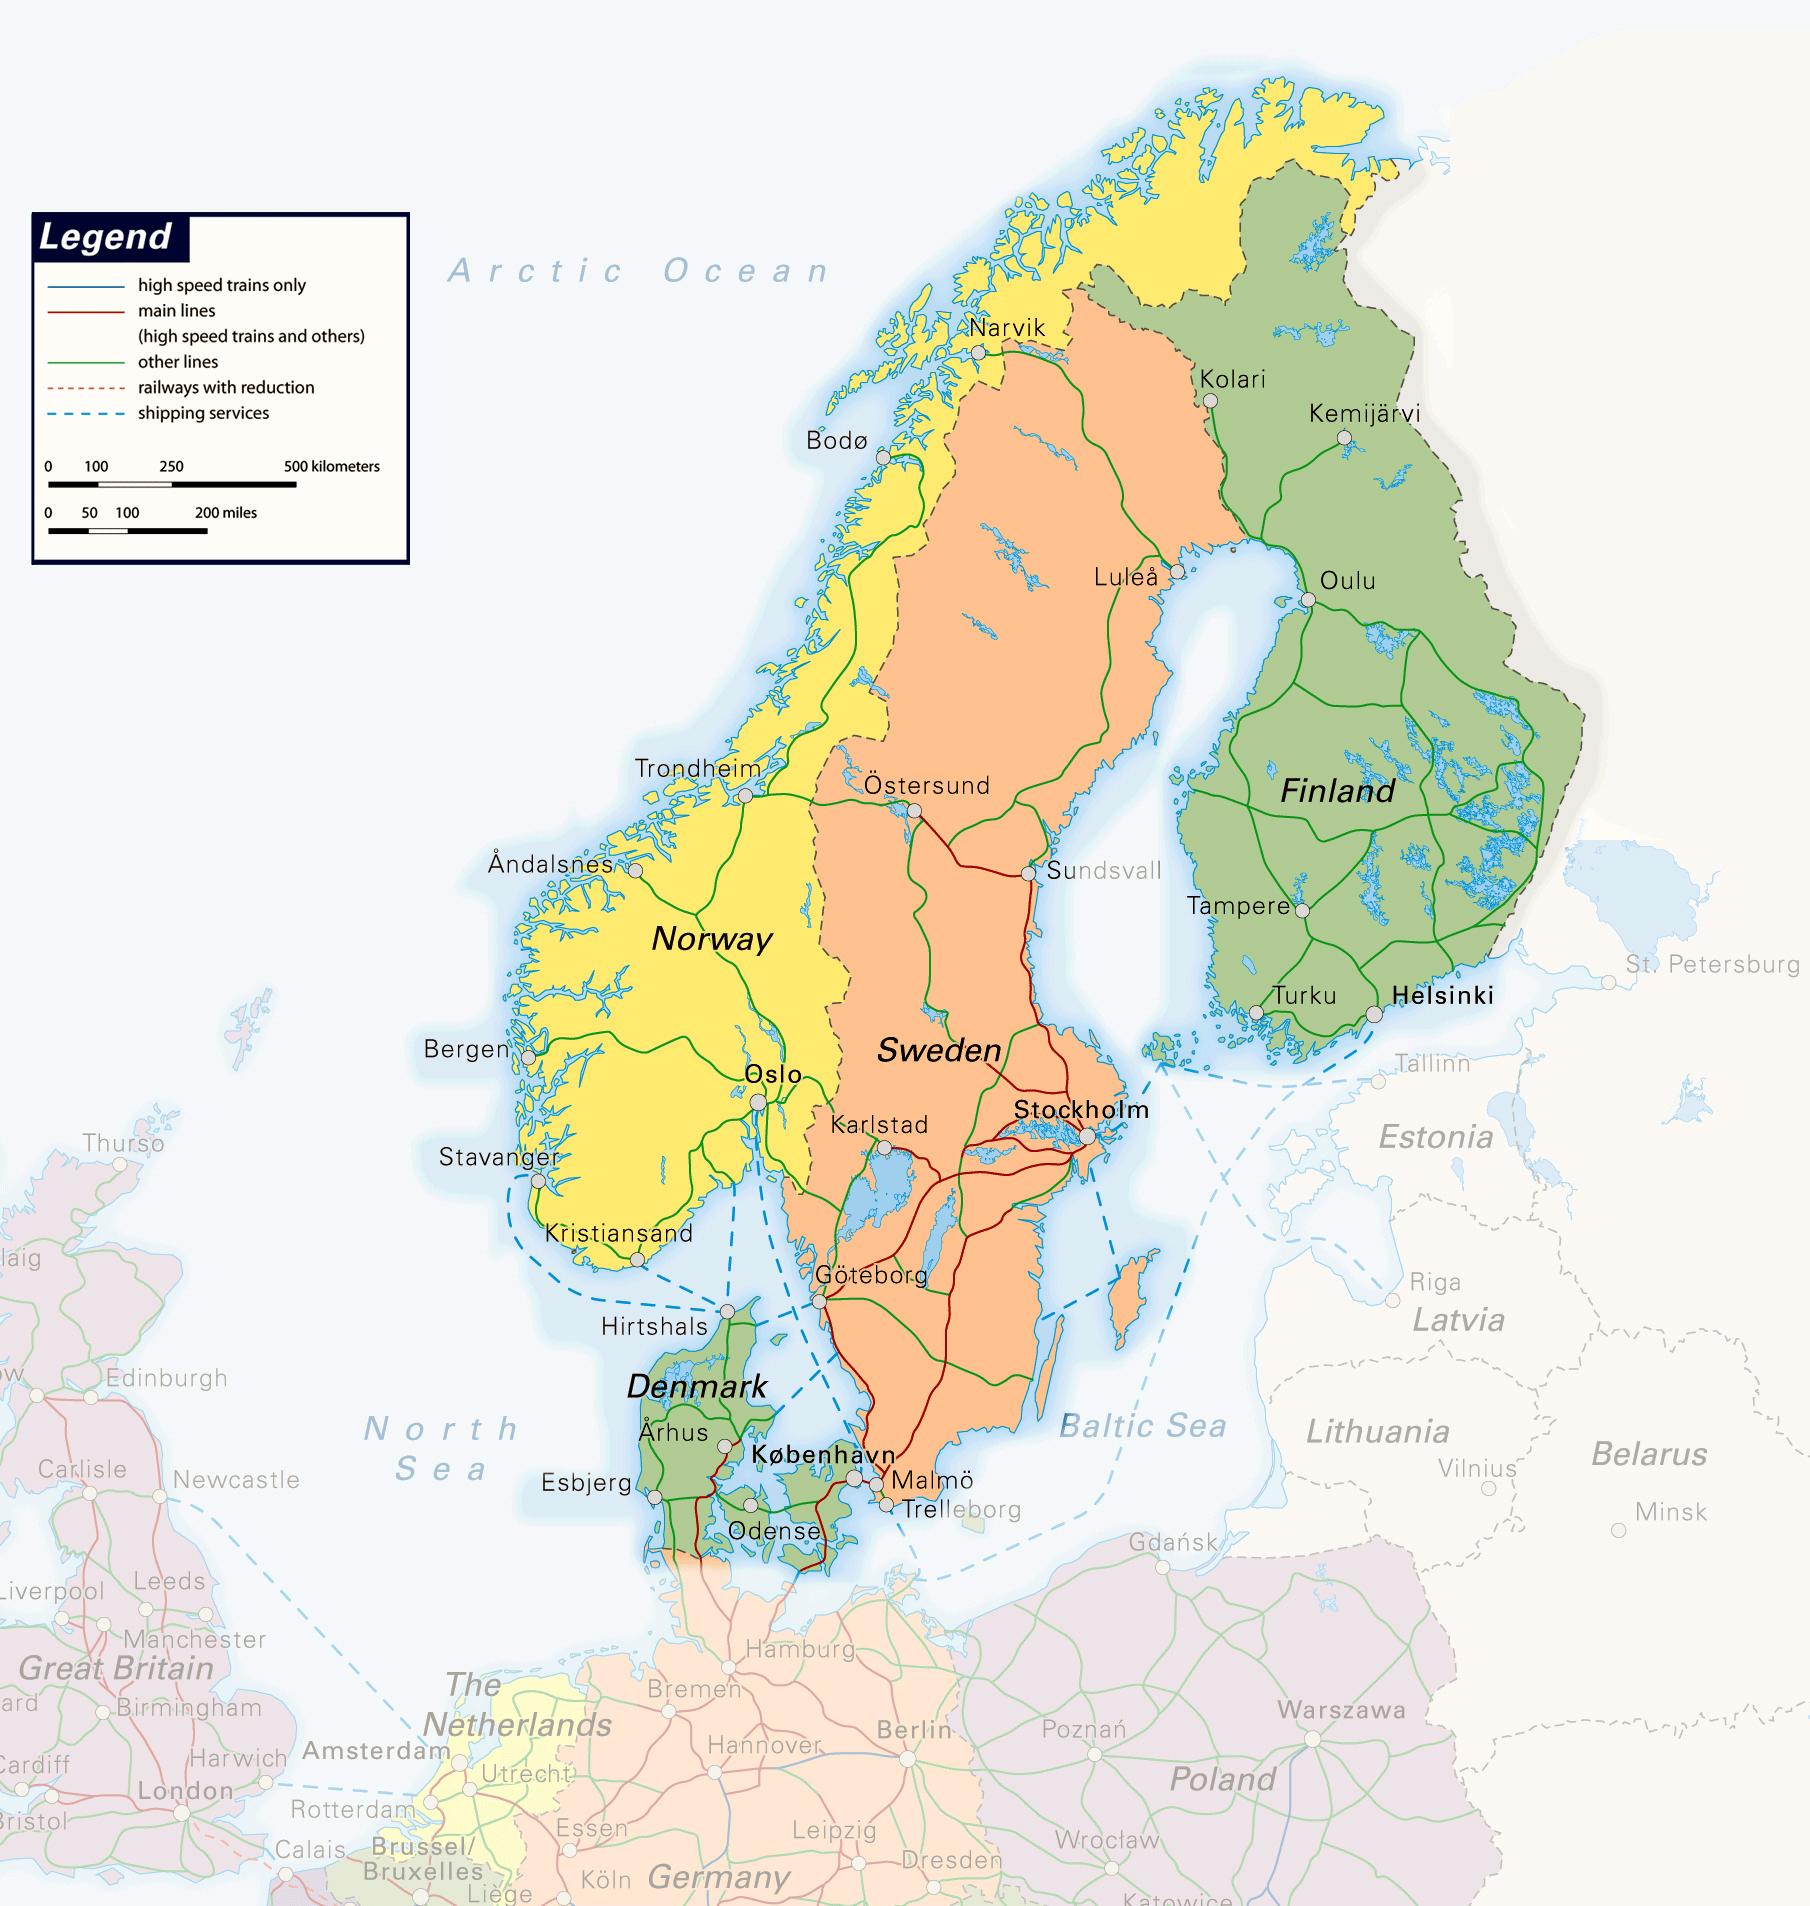 Mapy Baltyku I Skandynawii Szczegolowe Polityczne Reliefowe